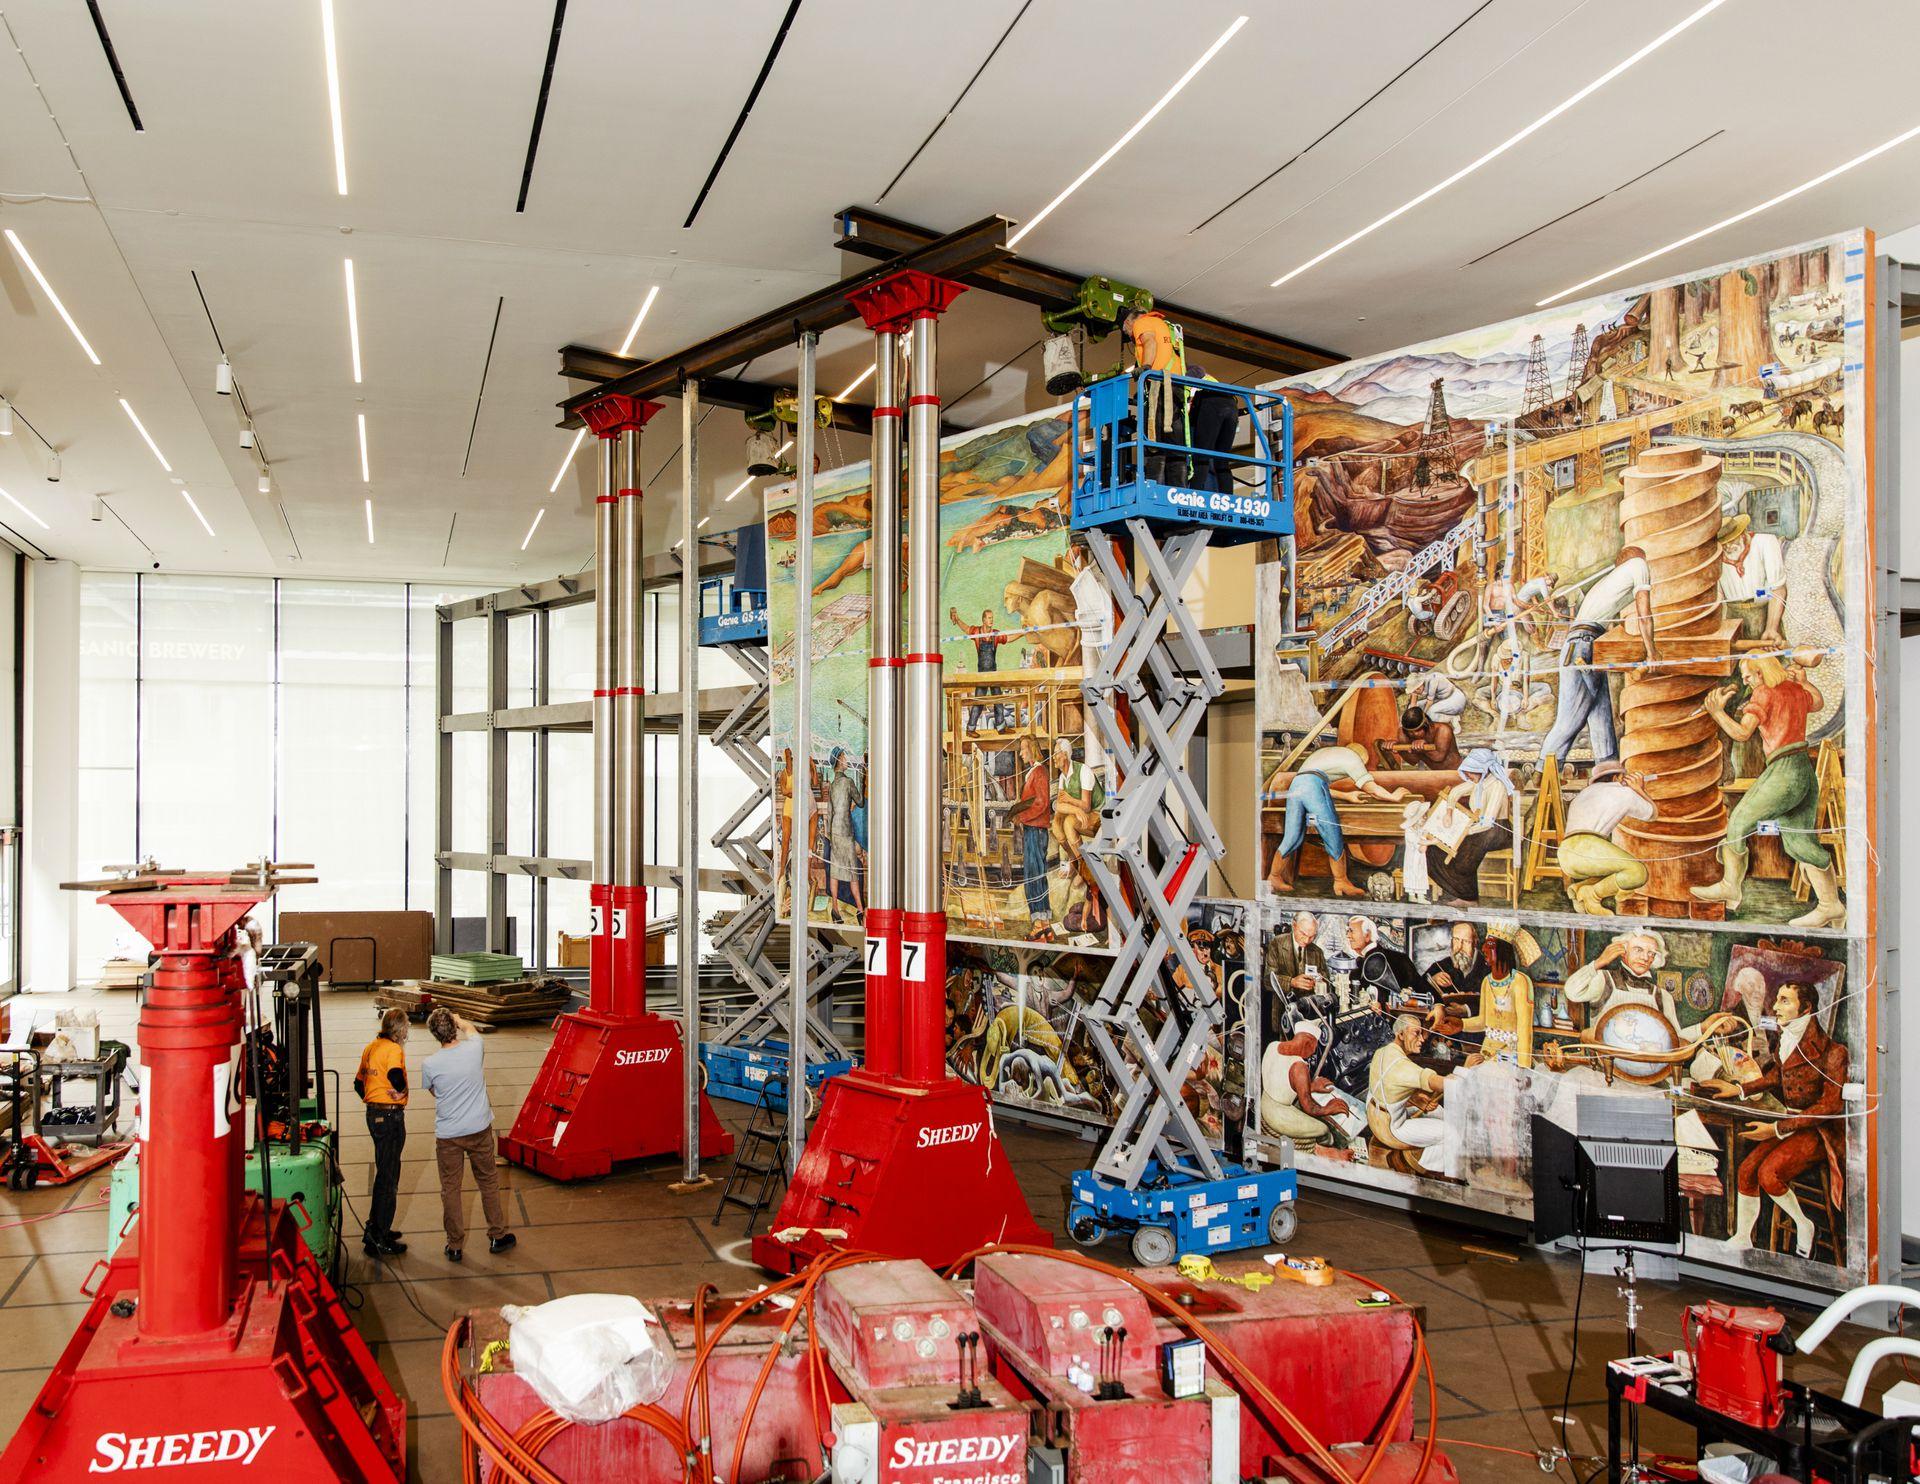 """Ingenieros mecánicos, arquitectos, historiadores y expertos en arte trabajaron durante cuatro años para trasladar el mural """"Unidad panamericana"""", de Diego Rivera, al Museo de Arte Moderno de San Francisco, donde se expondrá desde el 28 de junio"""